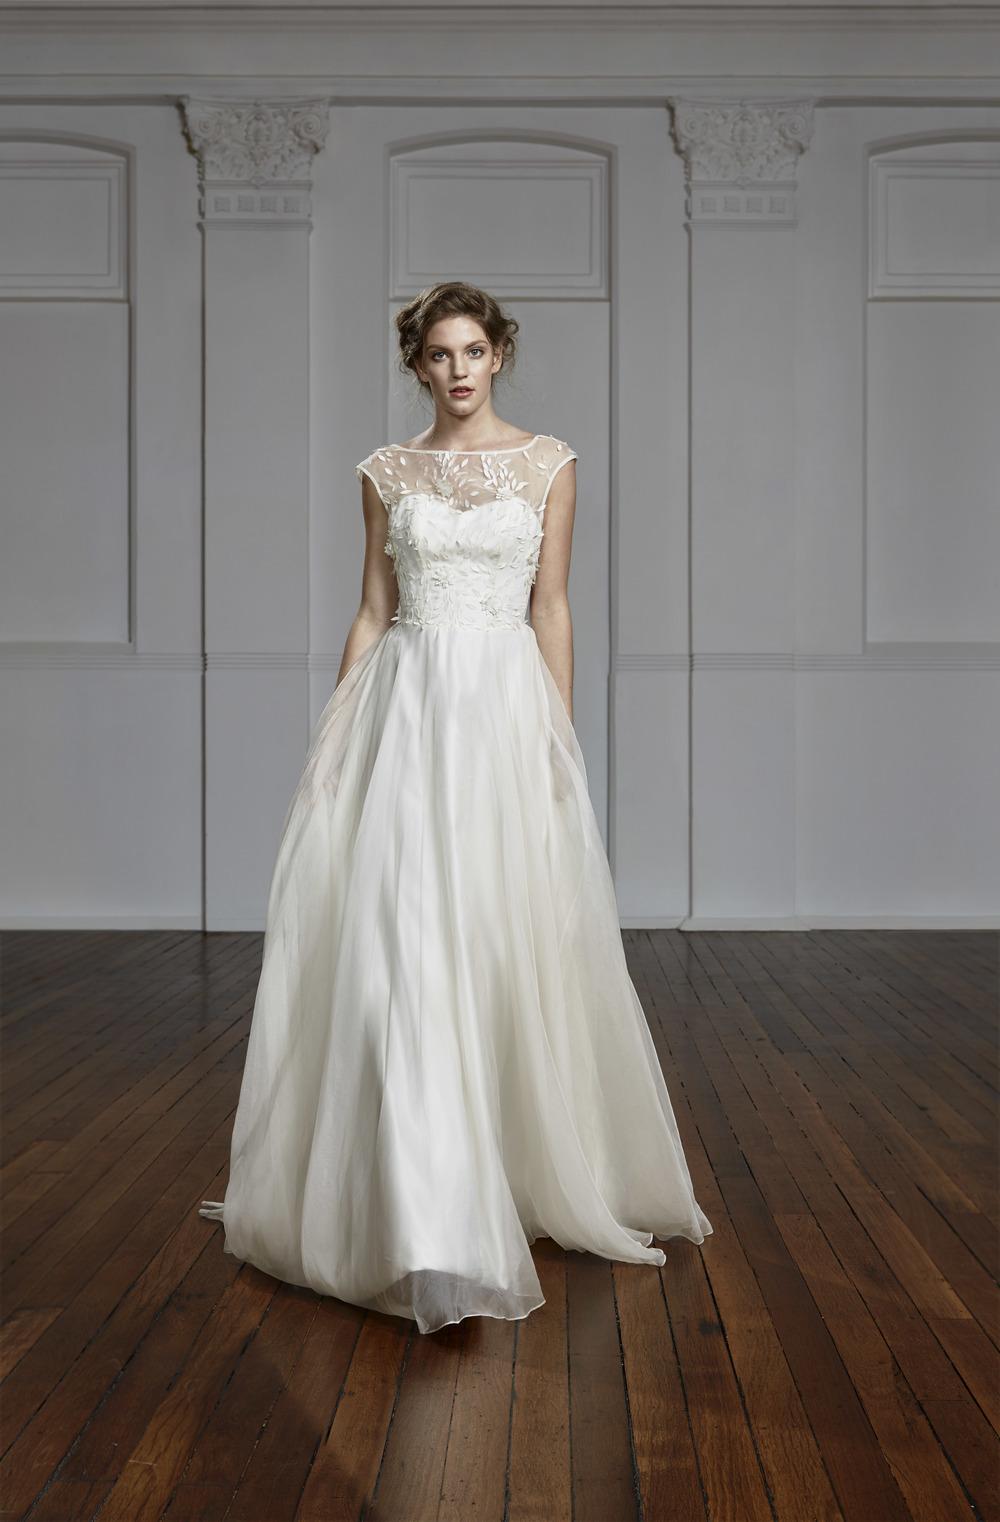 Isabella bridal design_TanyaAnic_©GrantSparkesCarroll_199.jpg